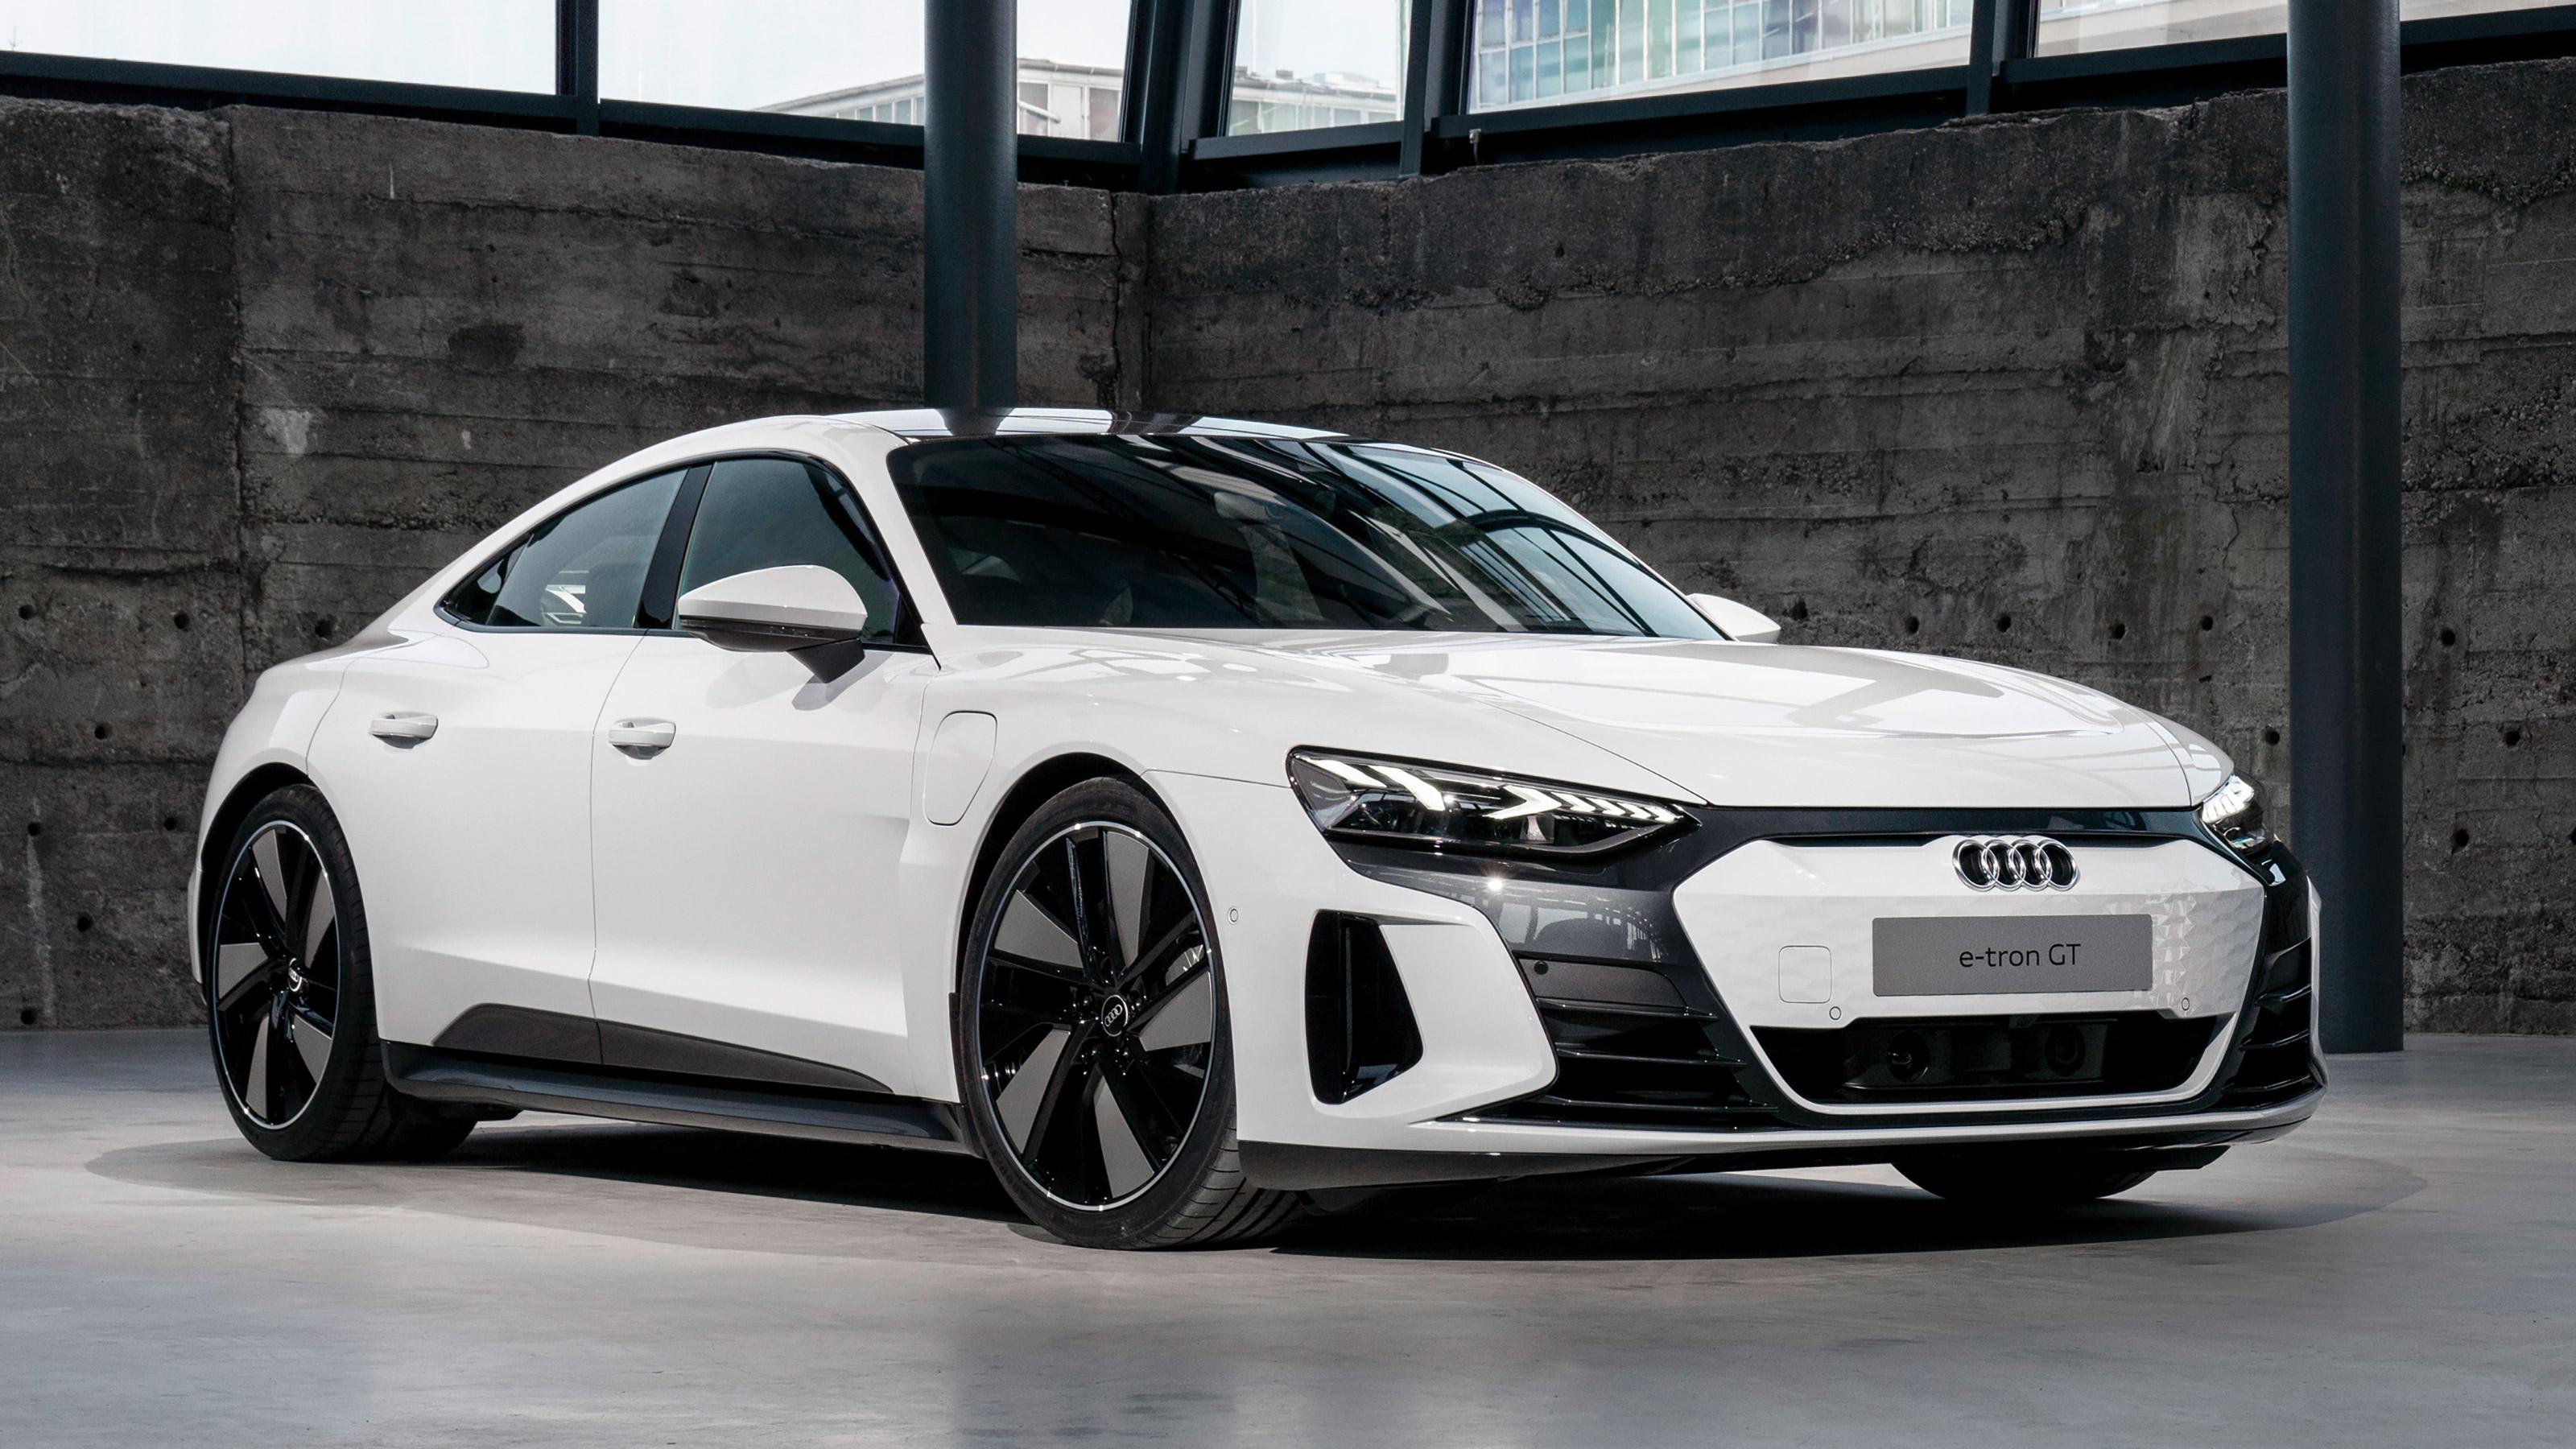 Сколько будет стоить электрический спорткар Audi e-tron GT в Украине